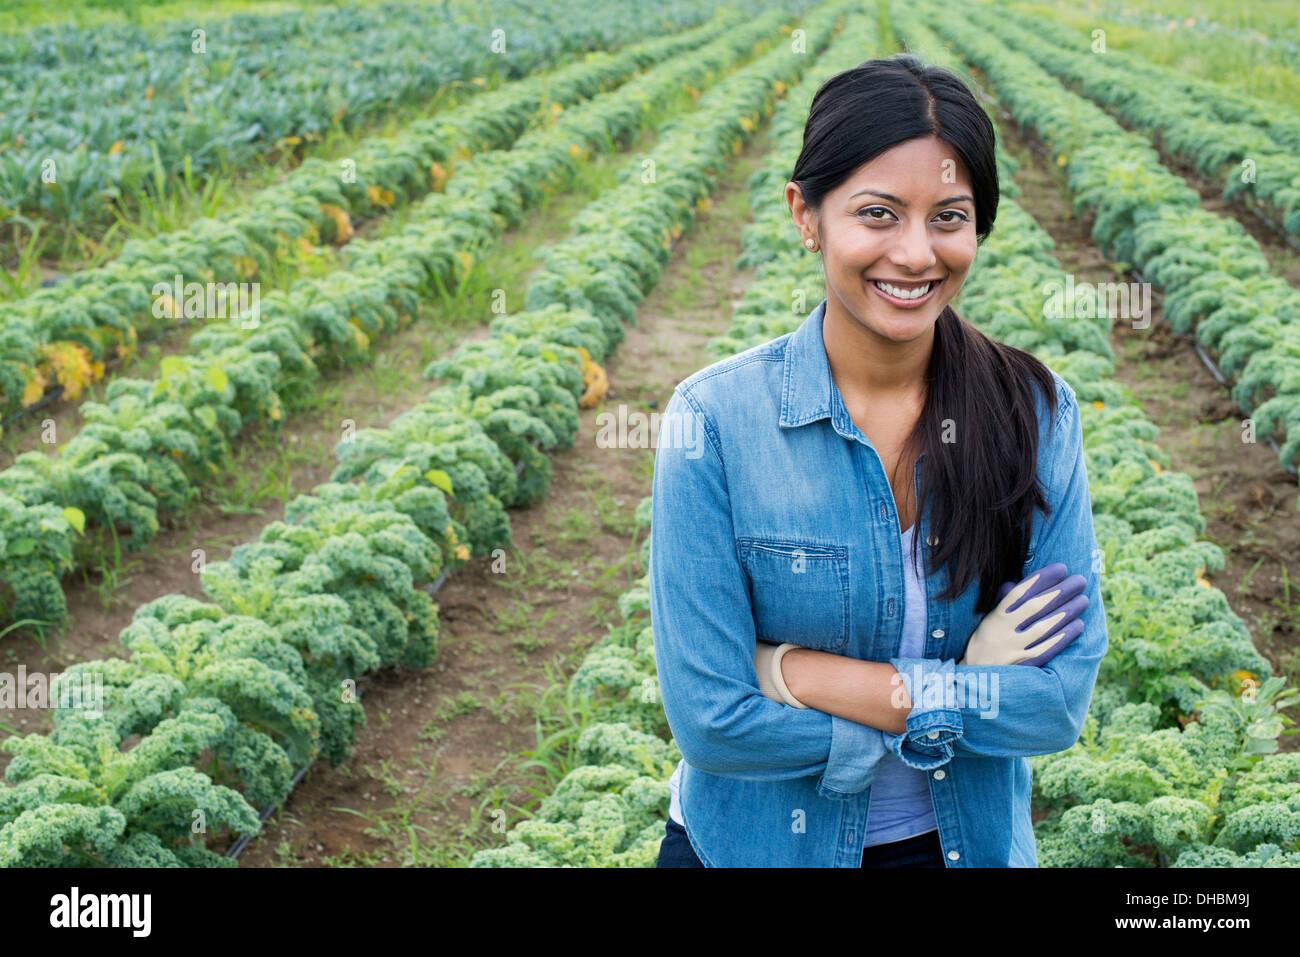 Filas de plantas de crecimiento vegetal rizada verde en una granja orgánica. Un hombre inspeccionando la cosecha. Imagen De Stock